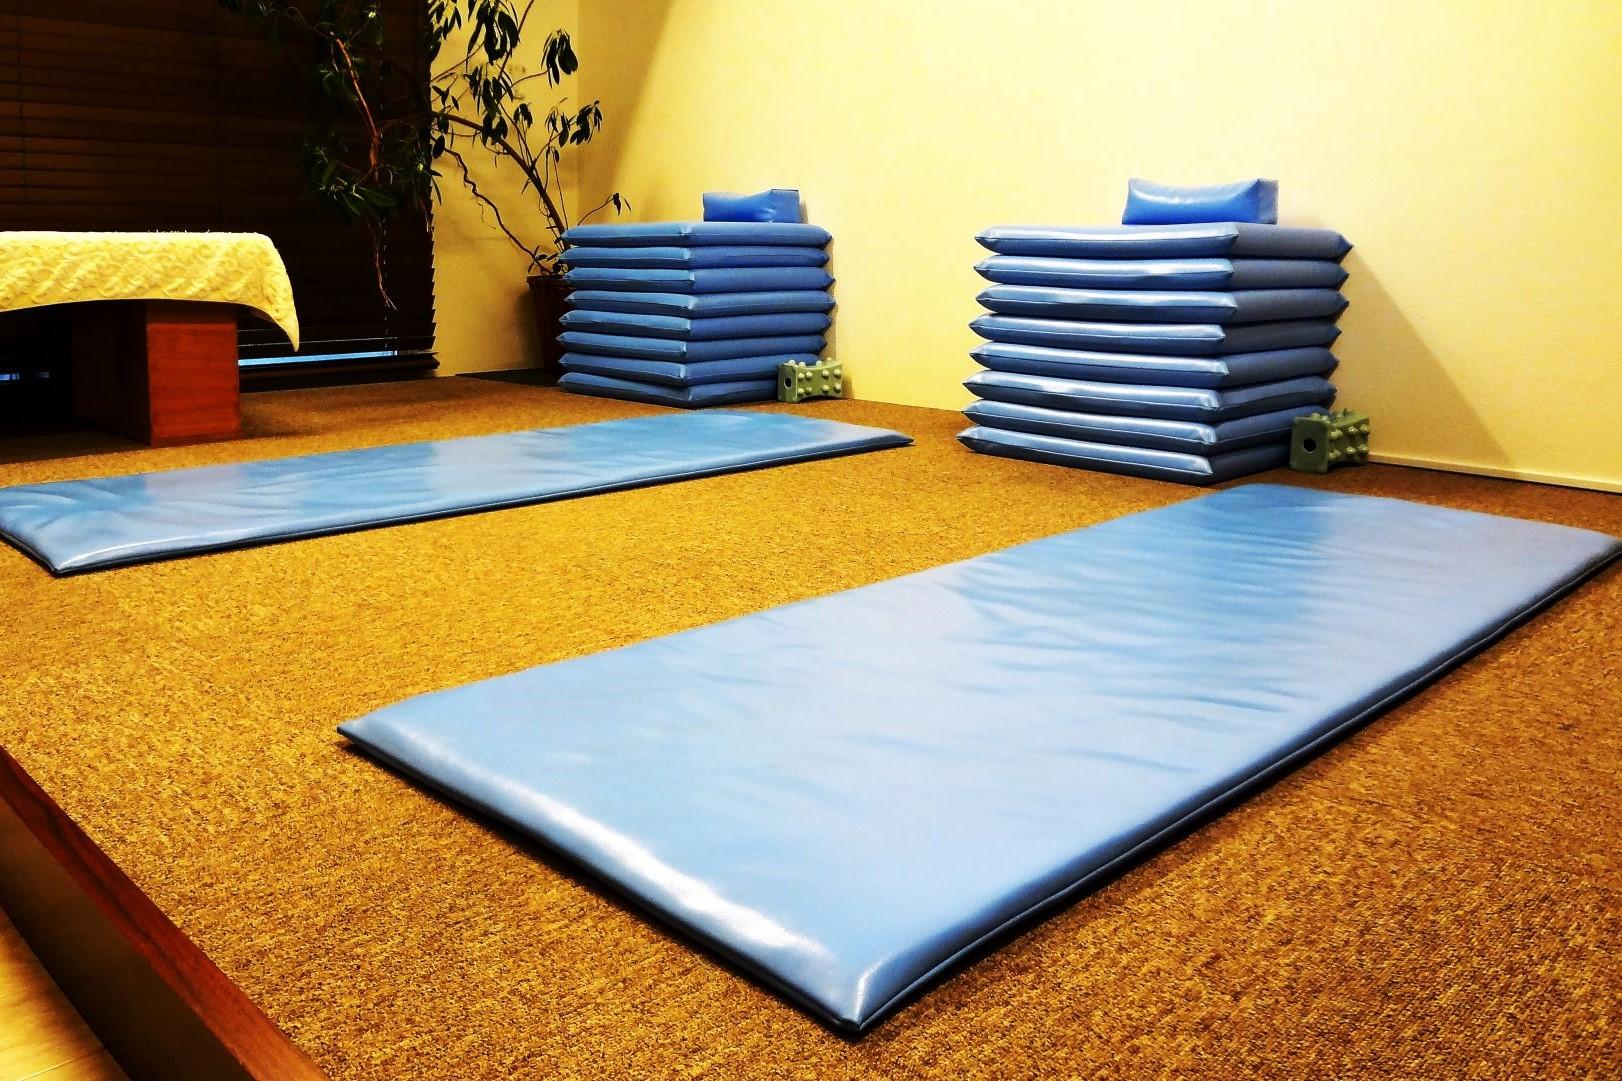 池袋バランス力学整体院内 施術スペース